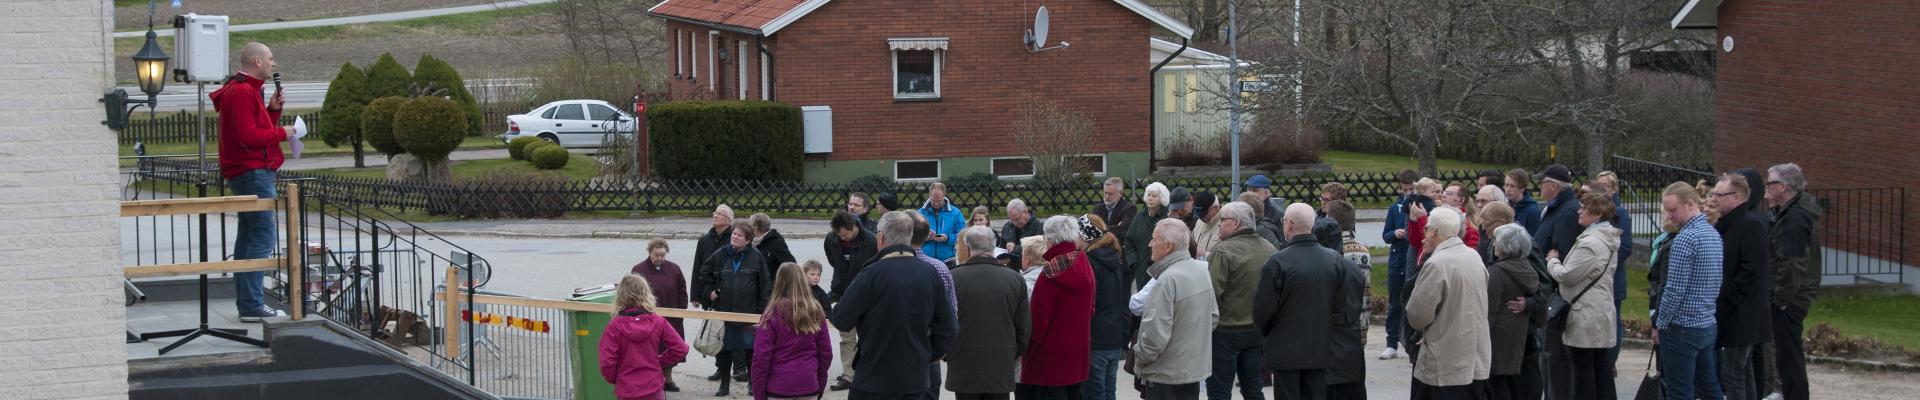 Invigning i Baptistkyrkan